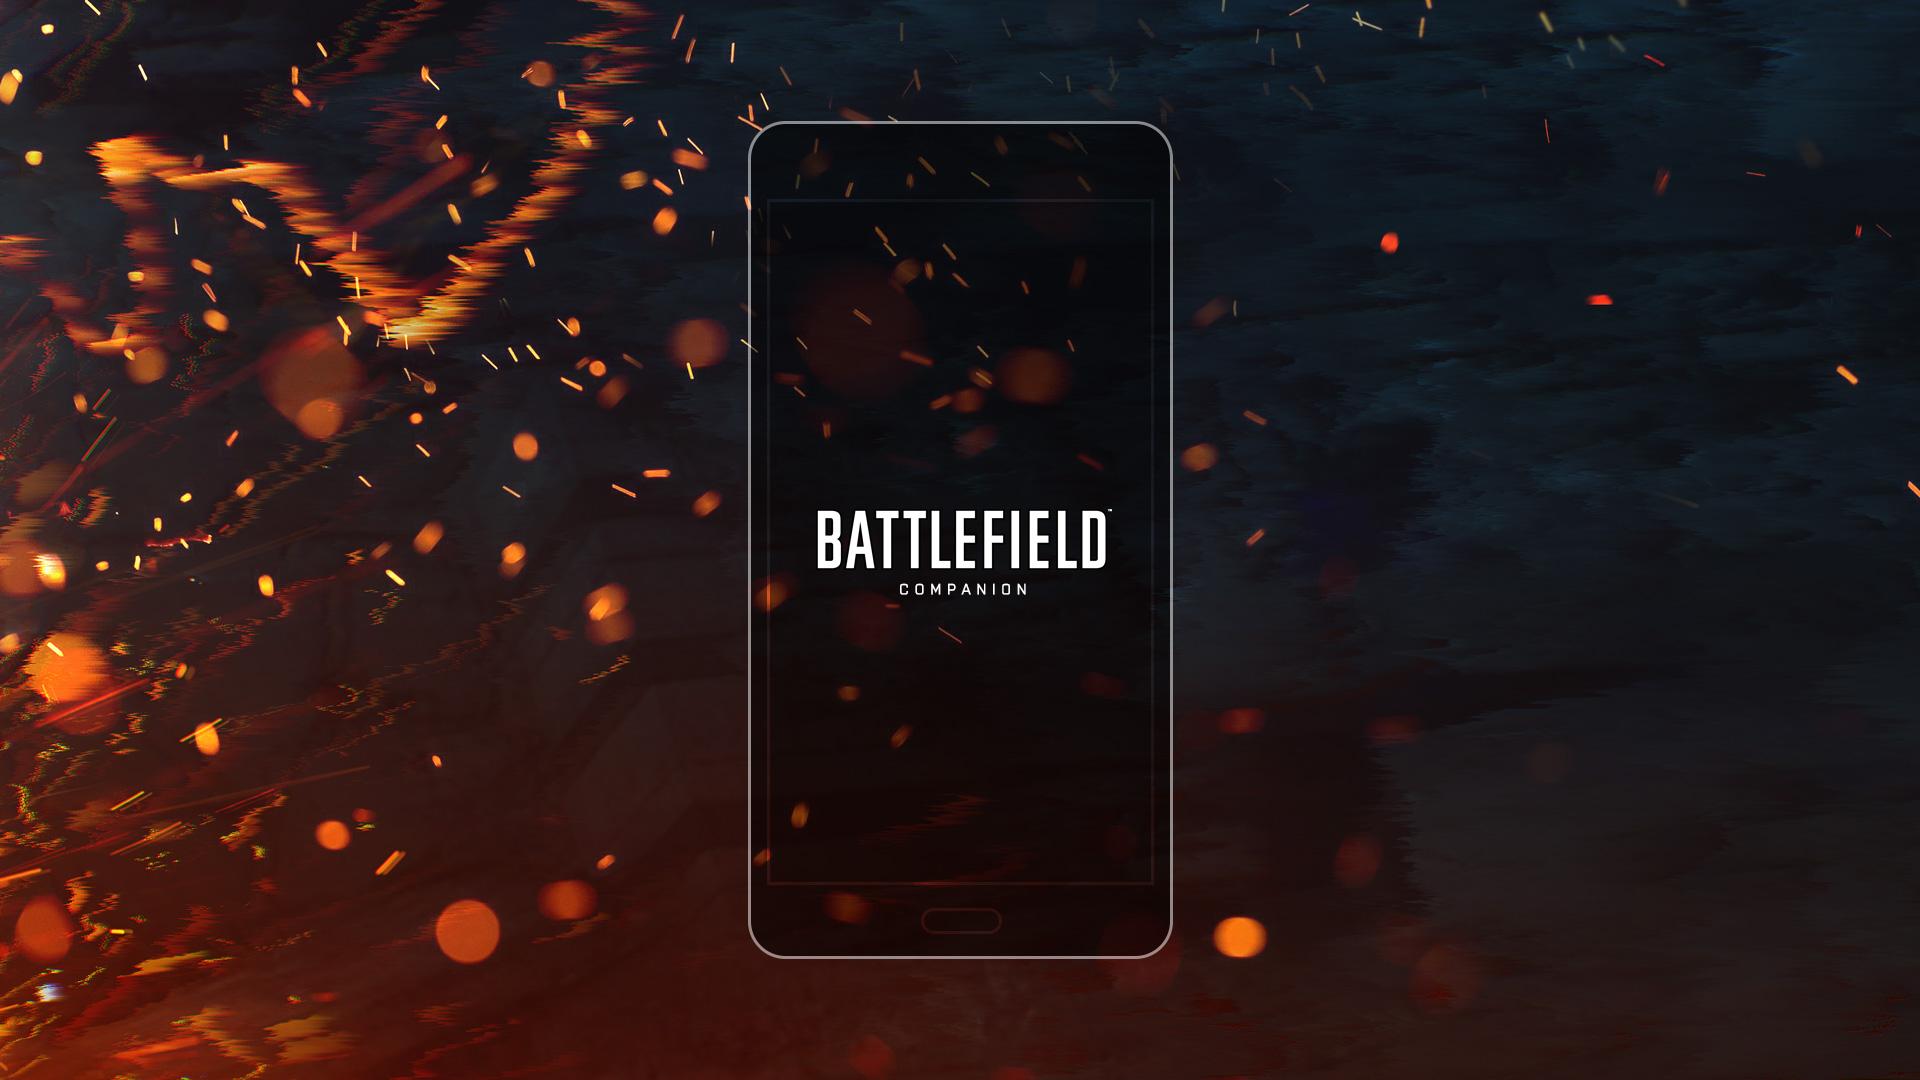 Dzisiaj premiera Battlefield 1! Obowiązkowo pobierz darmowy Battlefield Companion